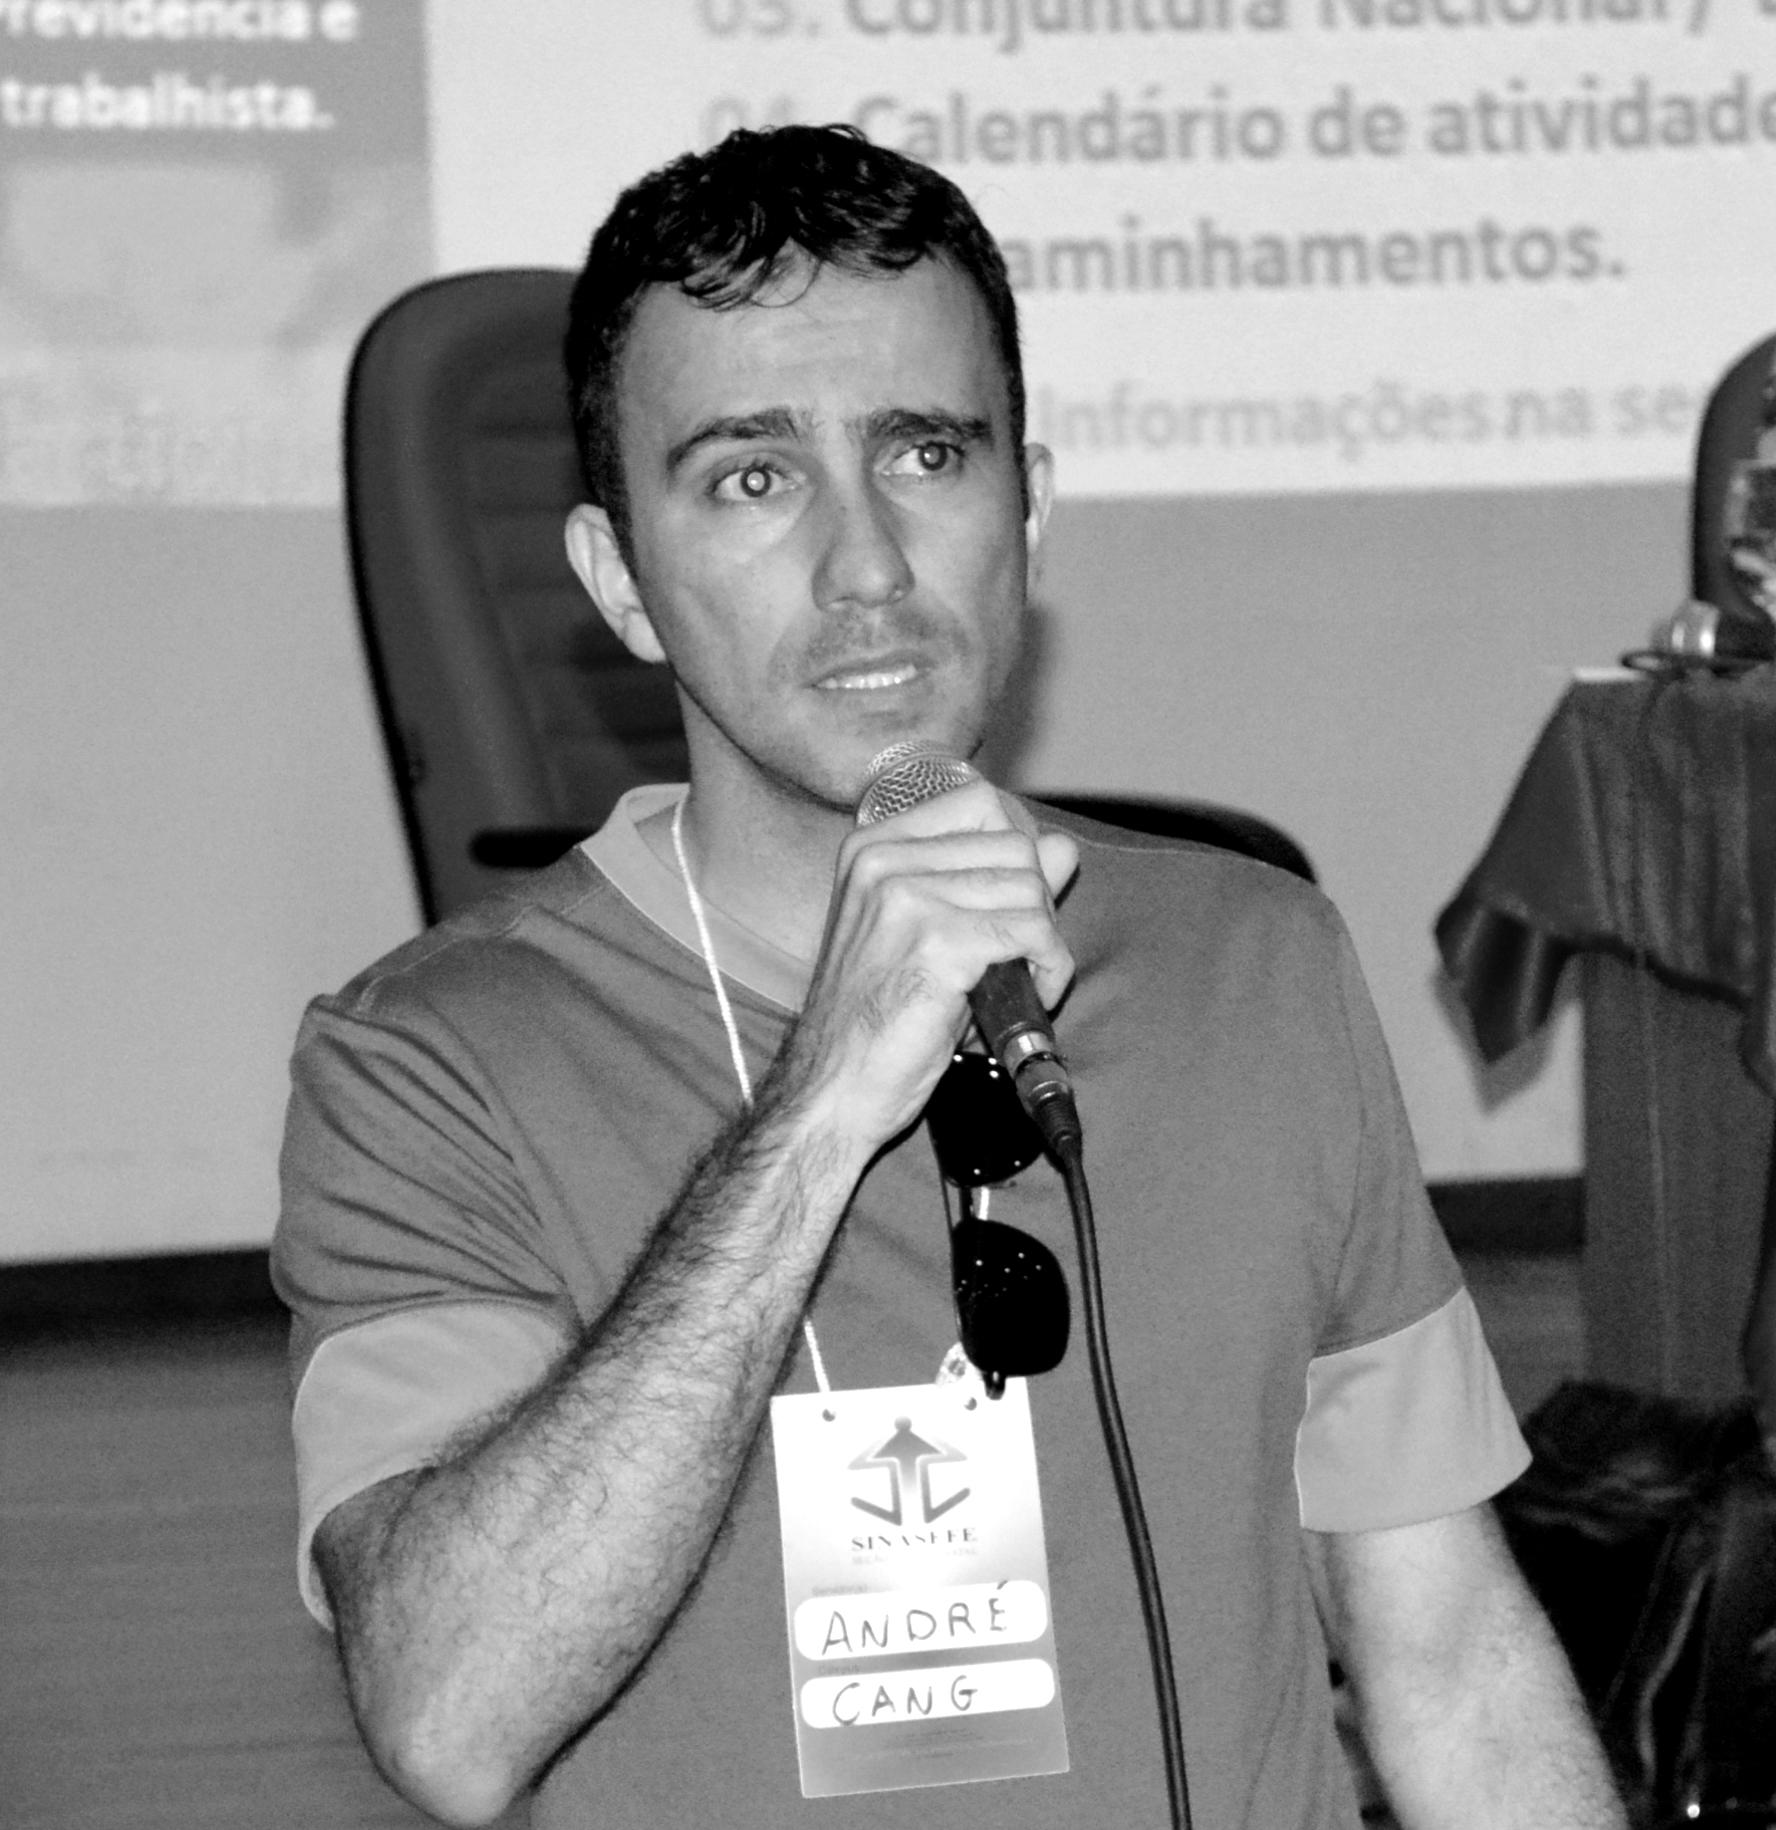 André João Palhares dos Santos